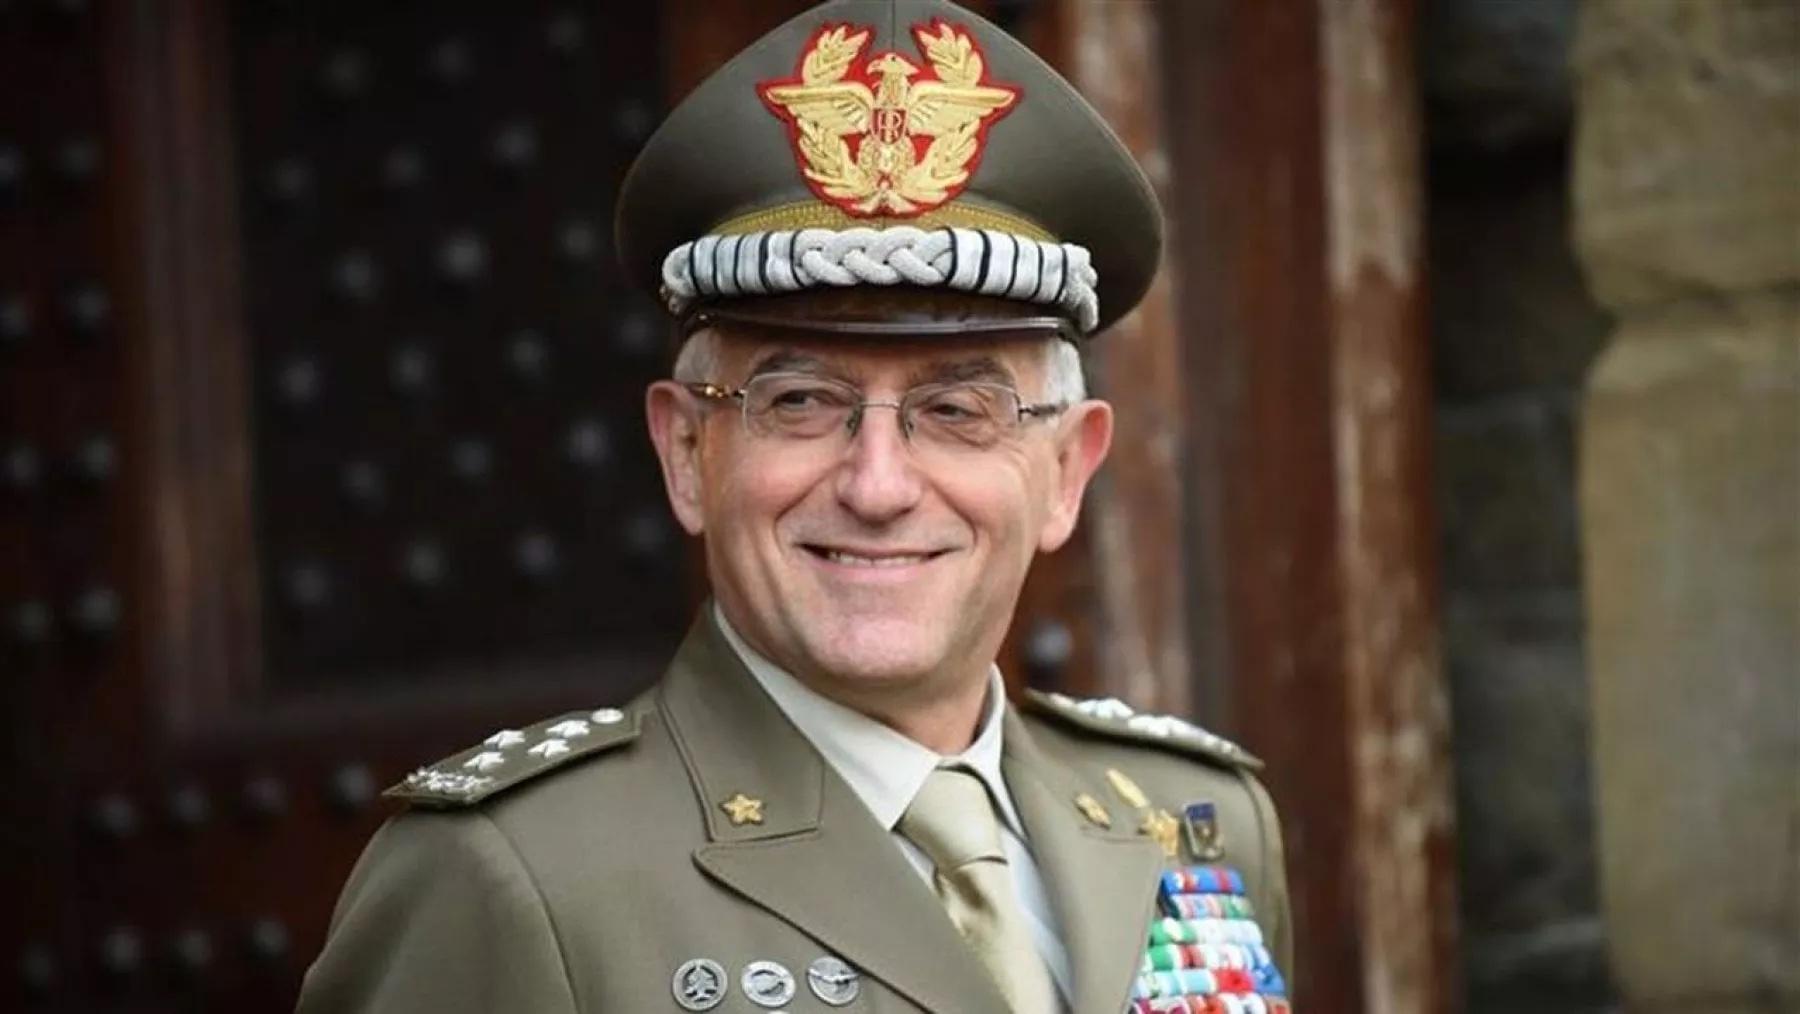 Il generale Graziano sposa le tesi della Buona Destra: più decisione politica e un esercito comune europeo